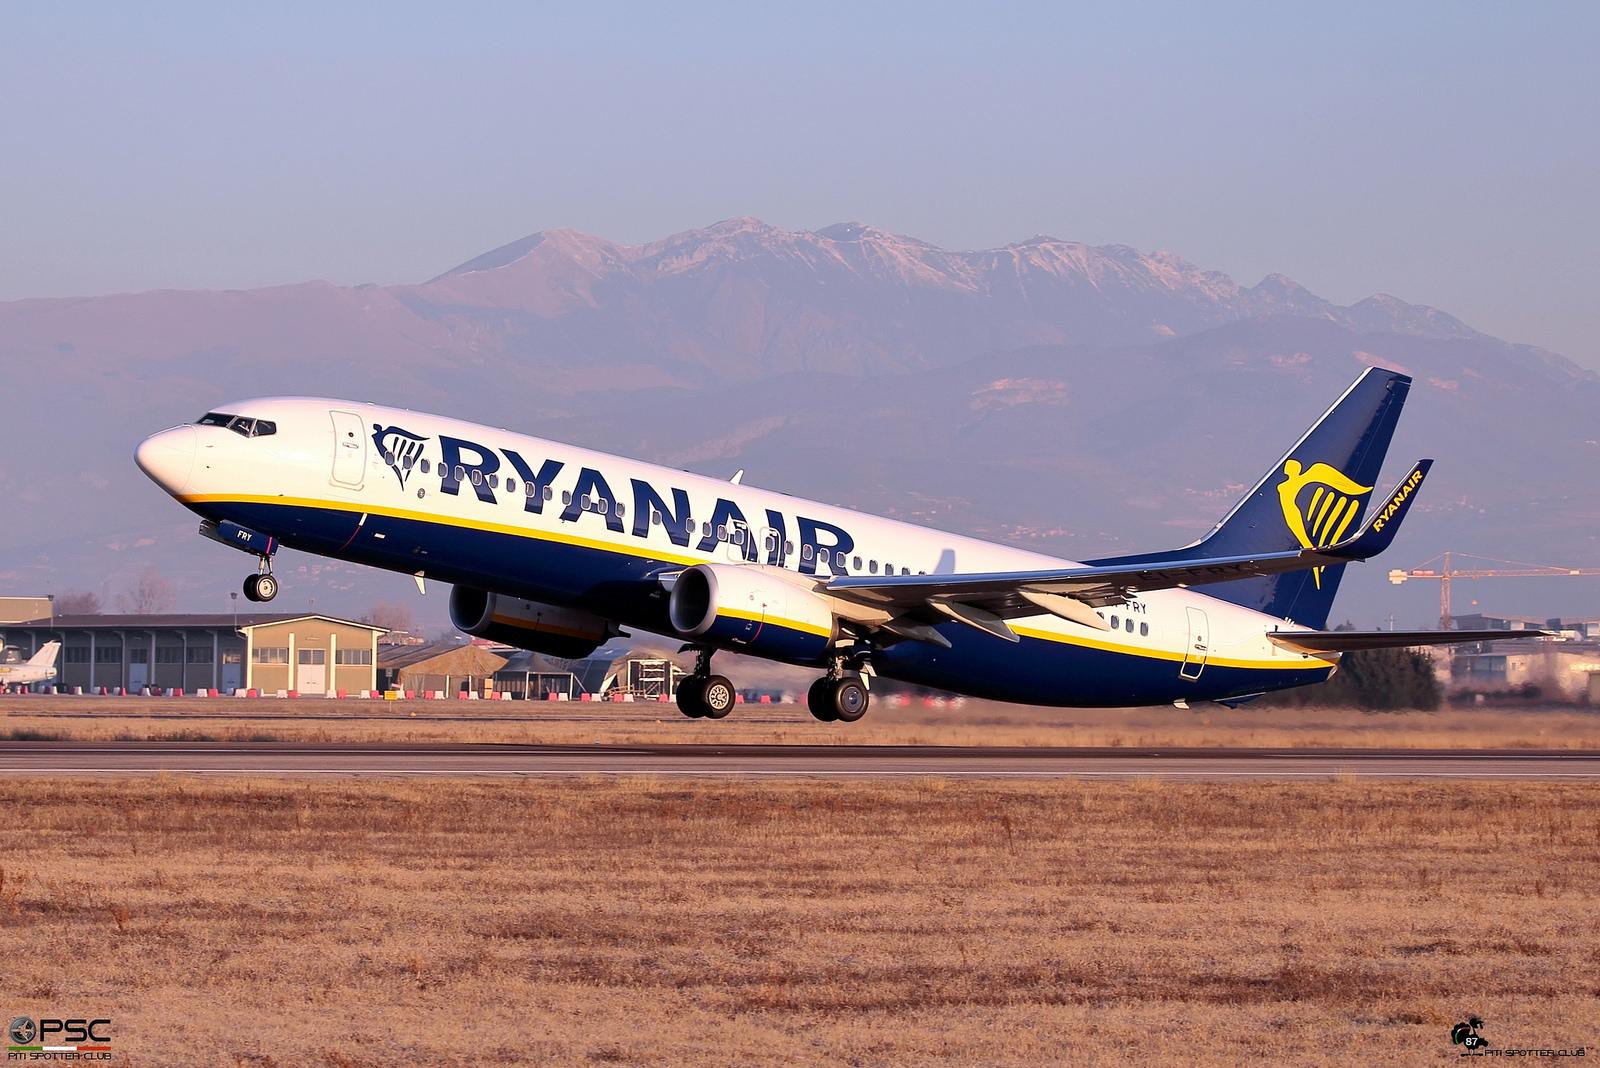 EI-FRY B737-800 44750/6087 Ryanair @ Aeroporto di Verona - 2017 © Piti Spotter Club Verona